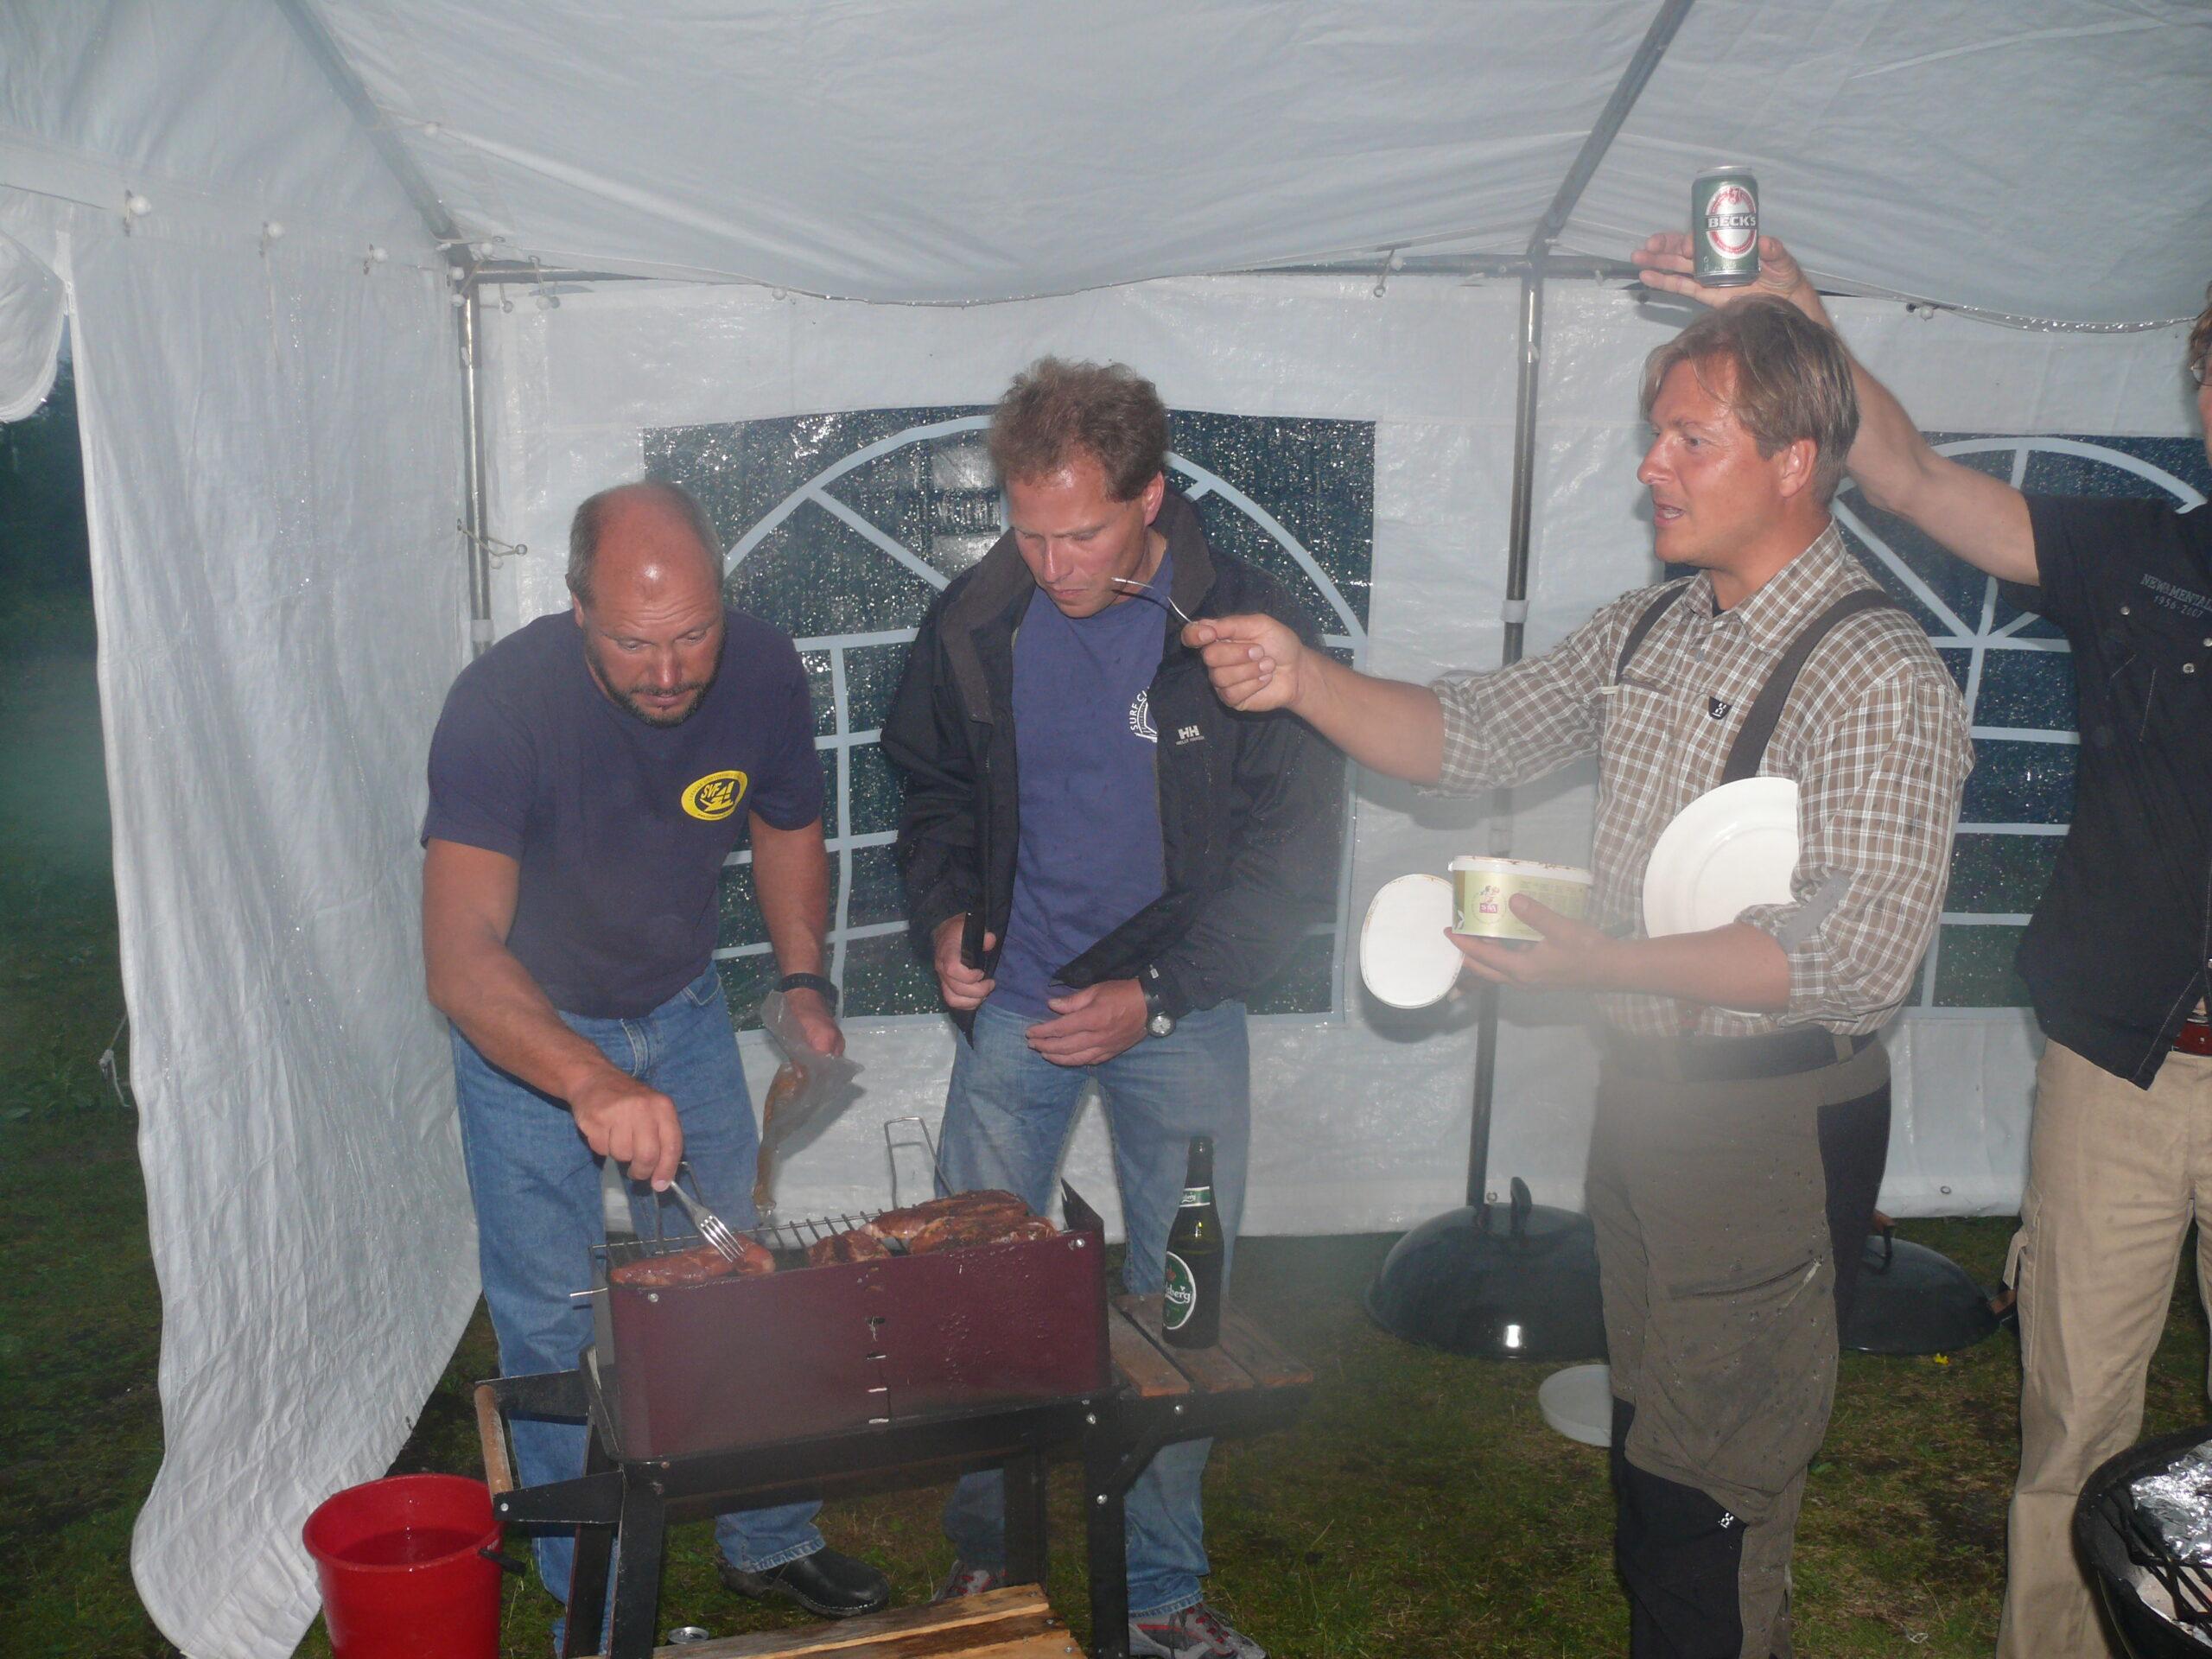 2010 PA Uffe, Rickard och Patrik i grilltagen - 2010 - 2014